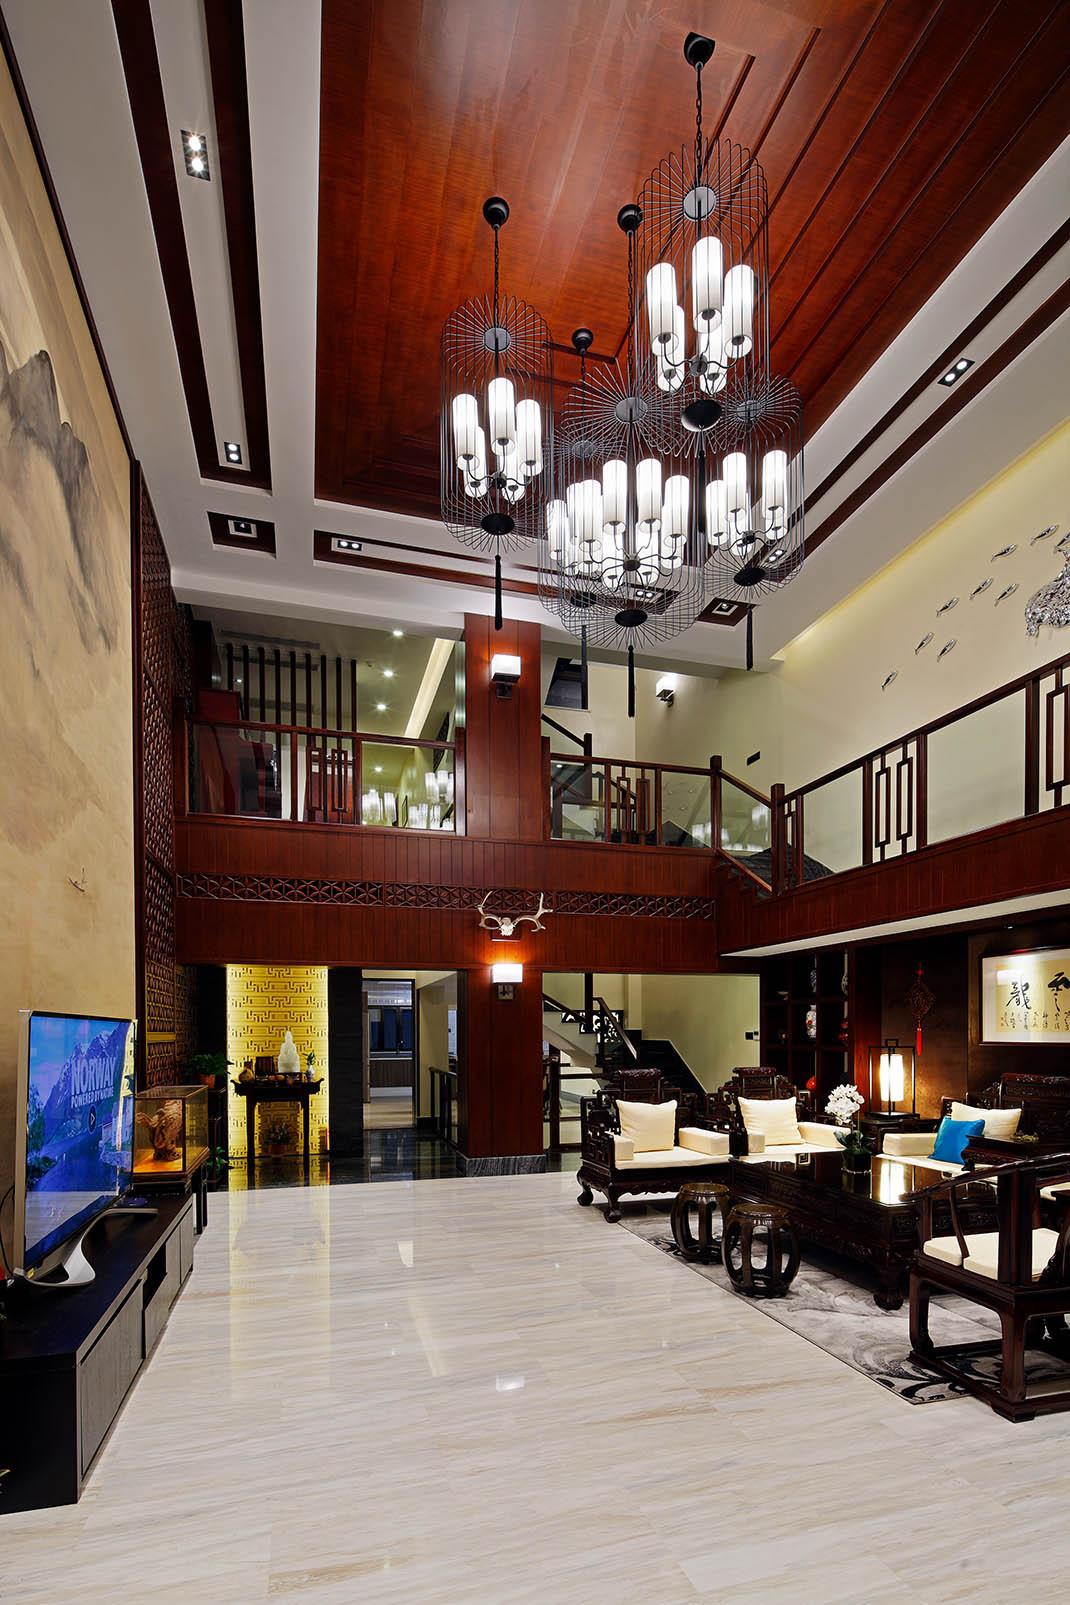 中式别墅装修客厅吊顶设计